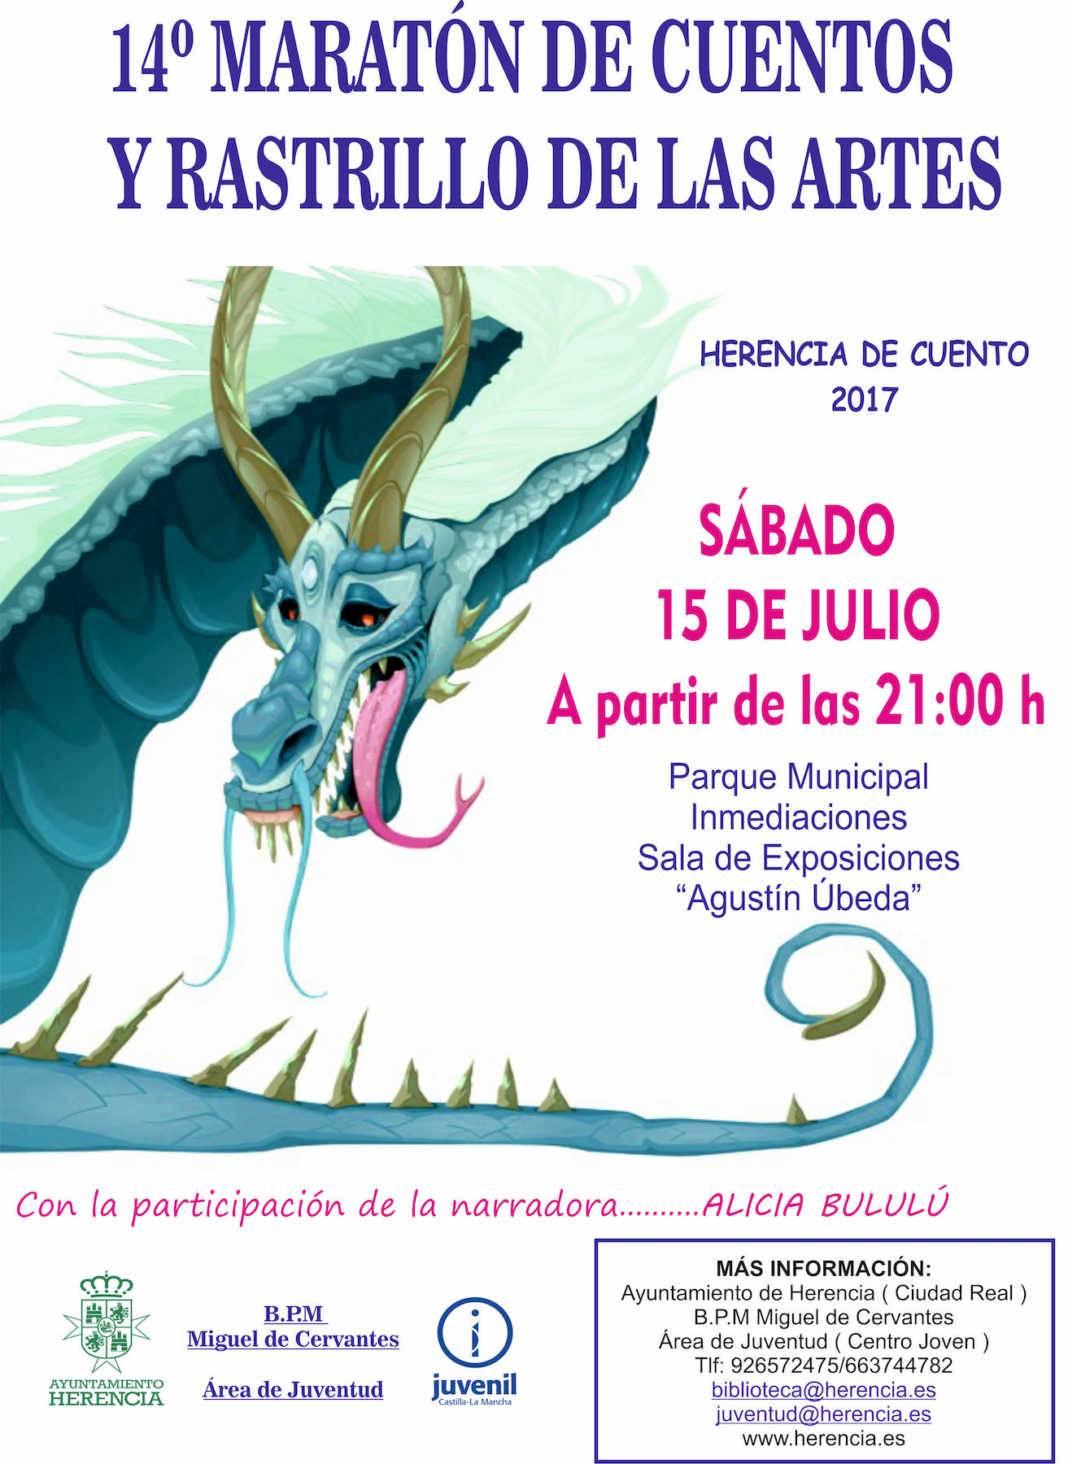 Cartel maraton cuentos 2017 herencia 1068x1464 - El sábado no te pierdas el 14º Maratón de Cuentos y Rastrillo de las Artes en el Parque